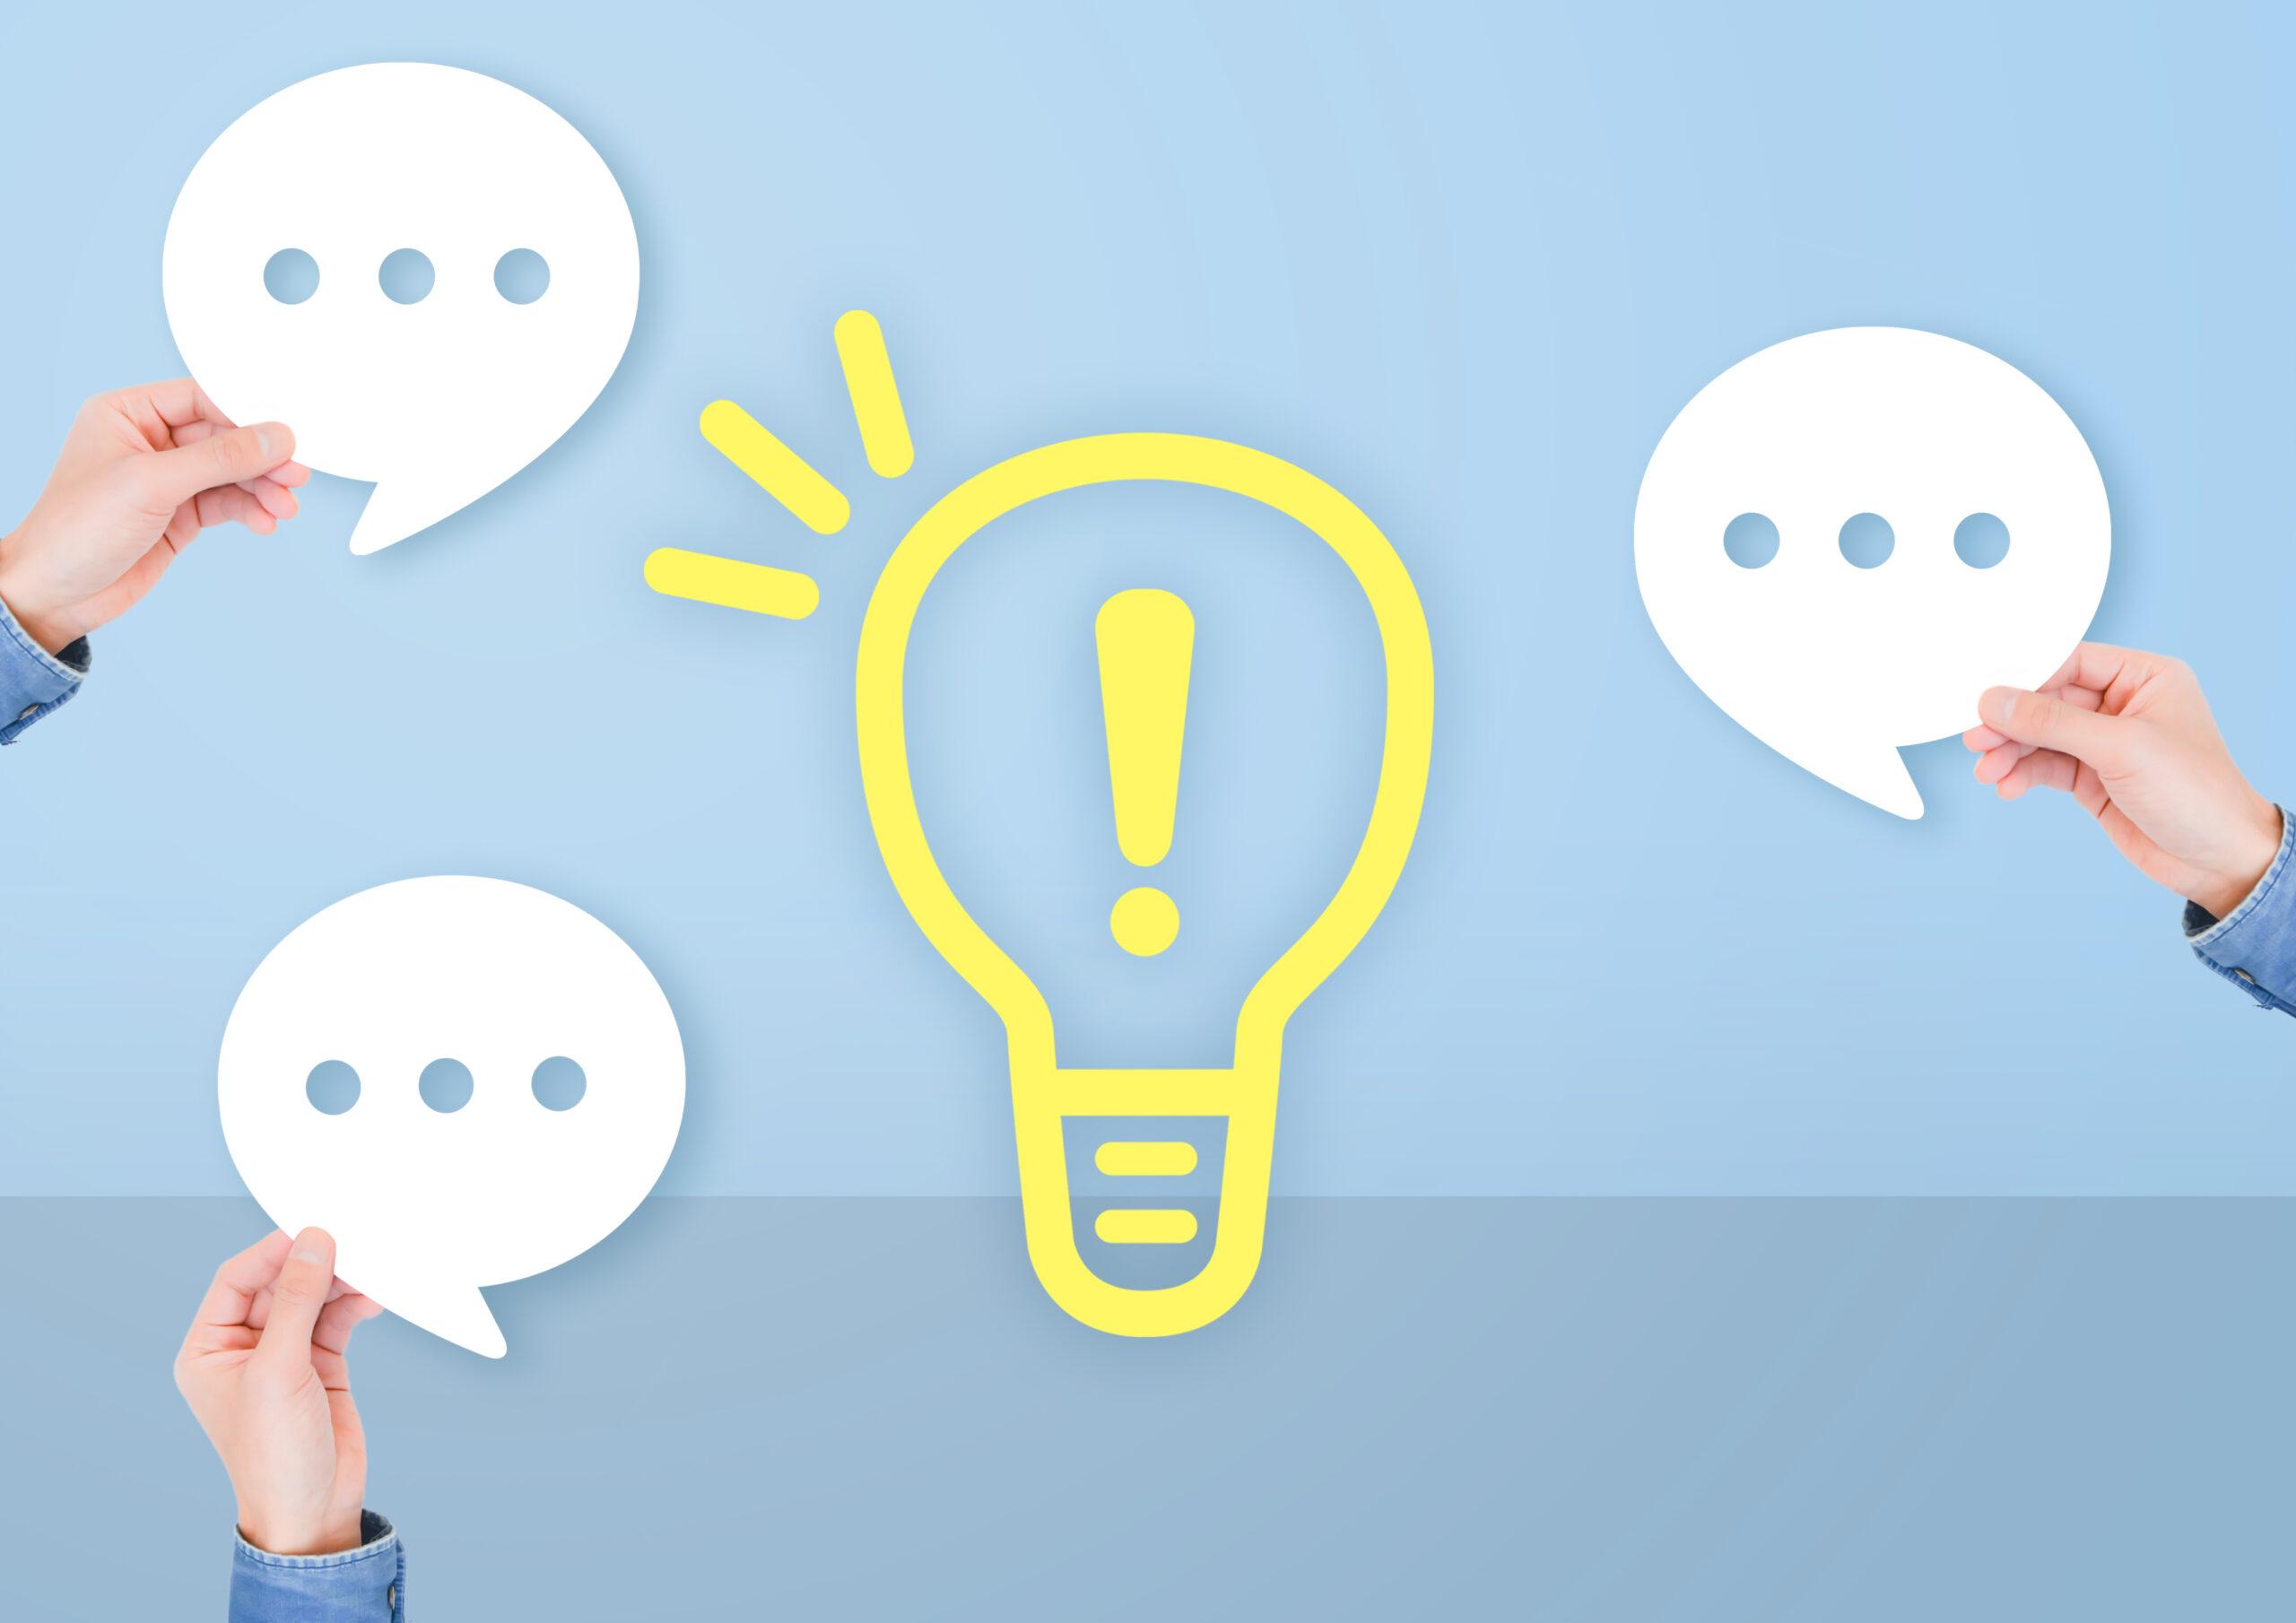 イベント企画会社やワークショップ運営会社の選び方について